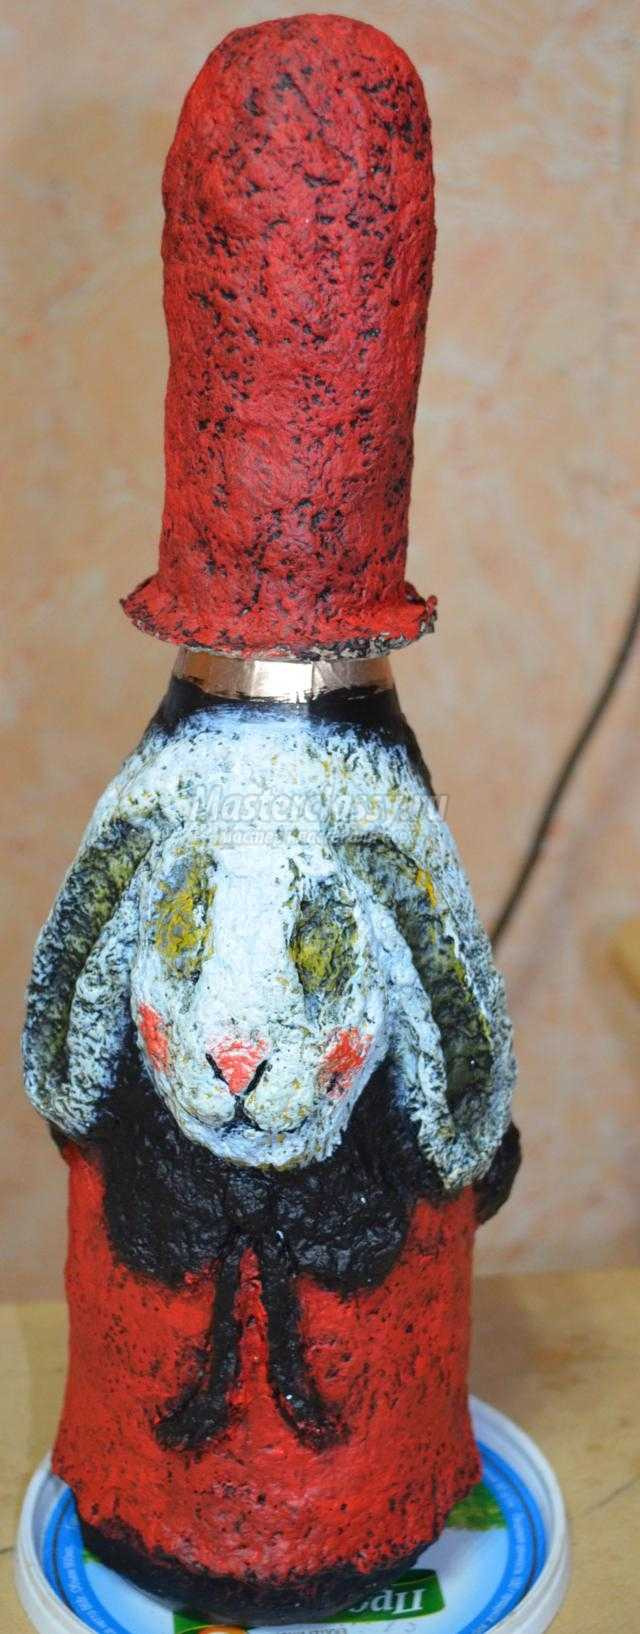 новогодний декор бутылки в технике папье-маше. Овечка